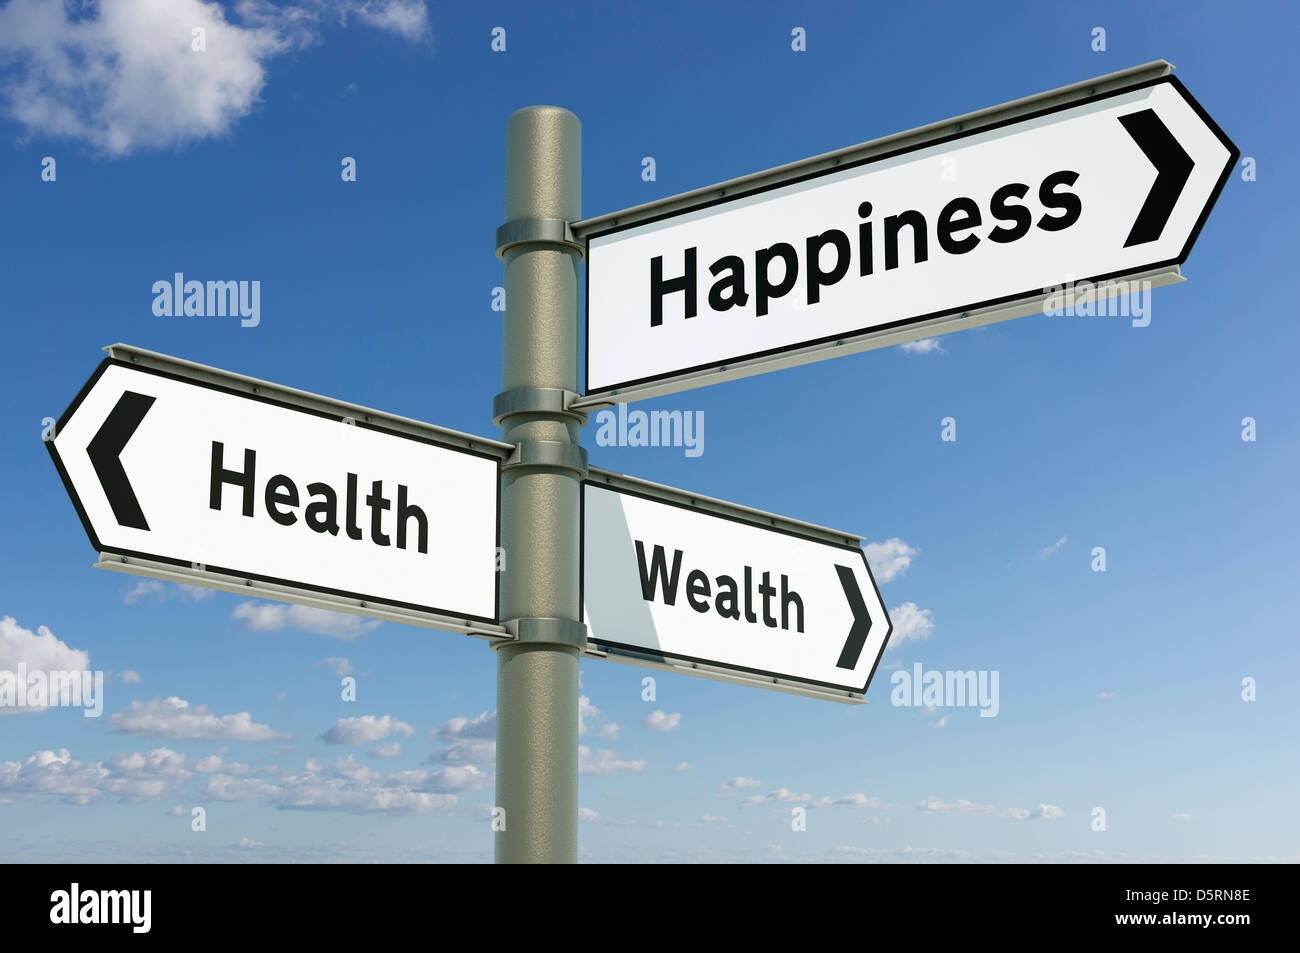 Gesundheit, Reichtum, Glück - Entscheidungen Zukunftsausrichtung Wahl Konzept Stockbild